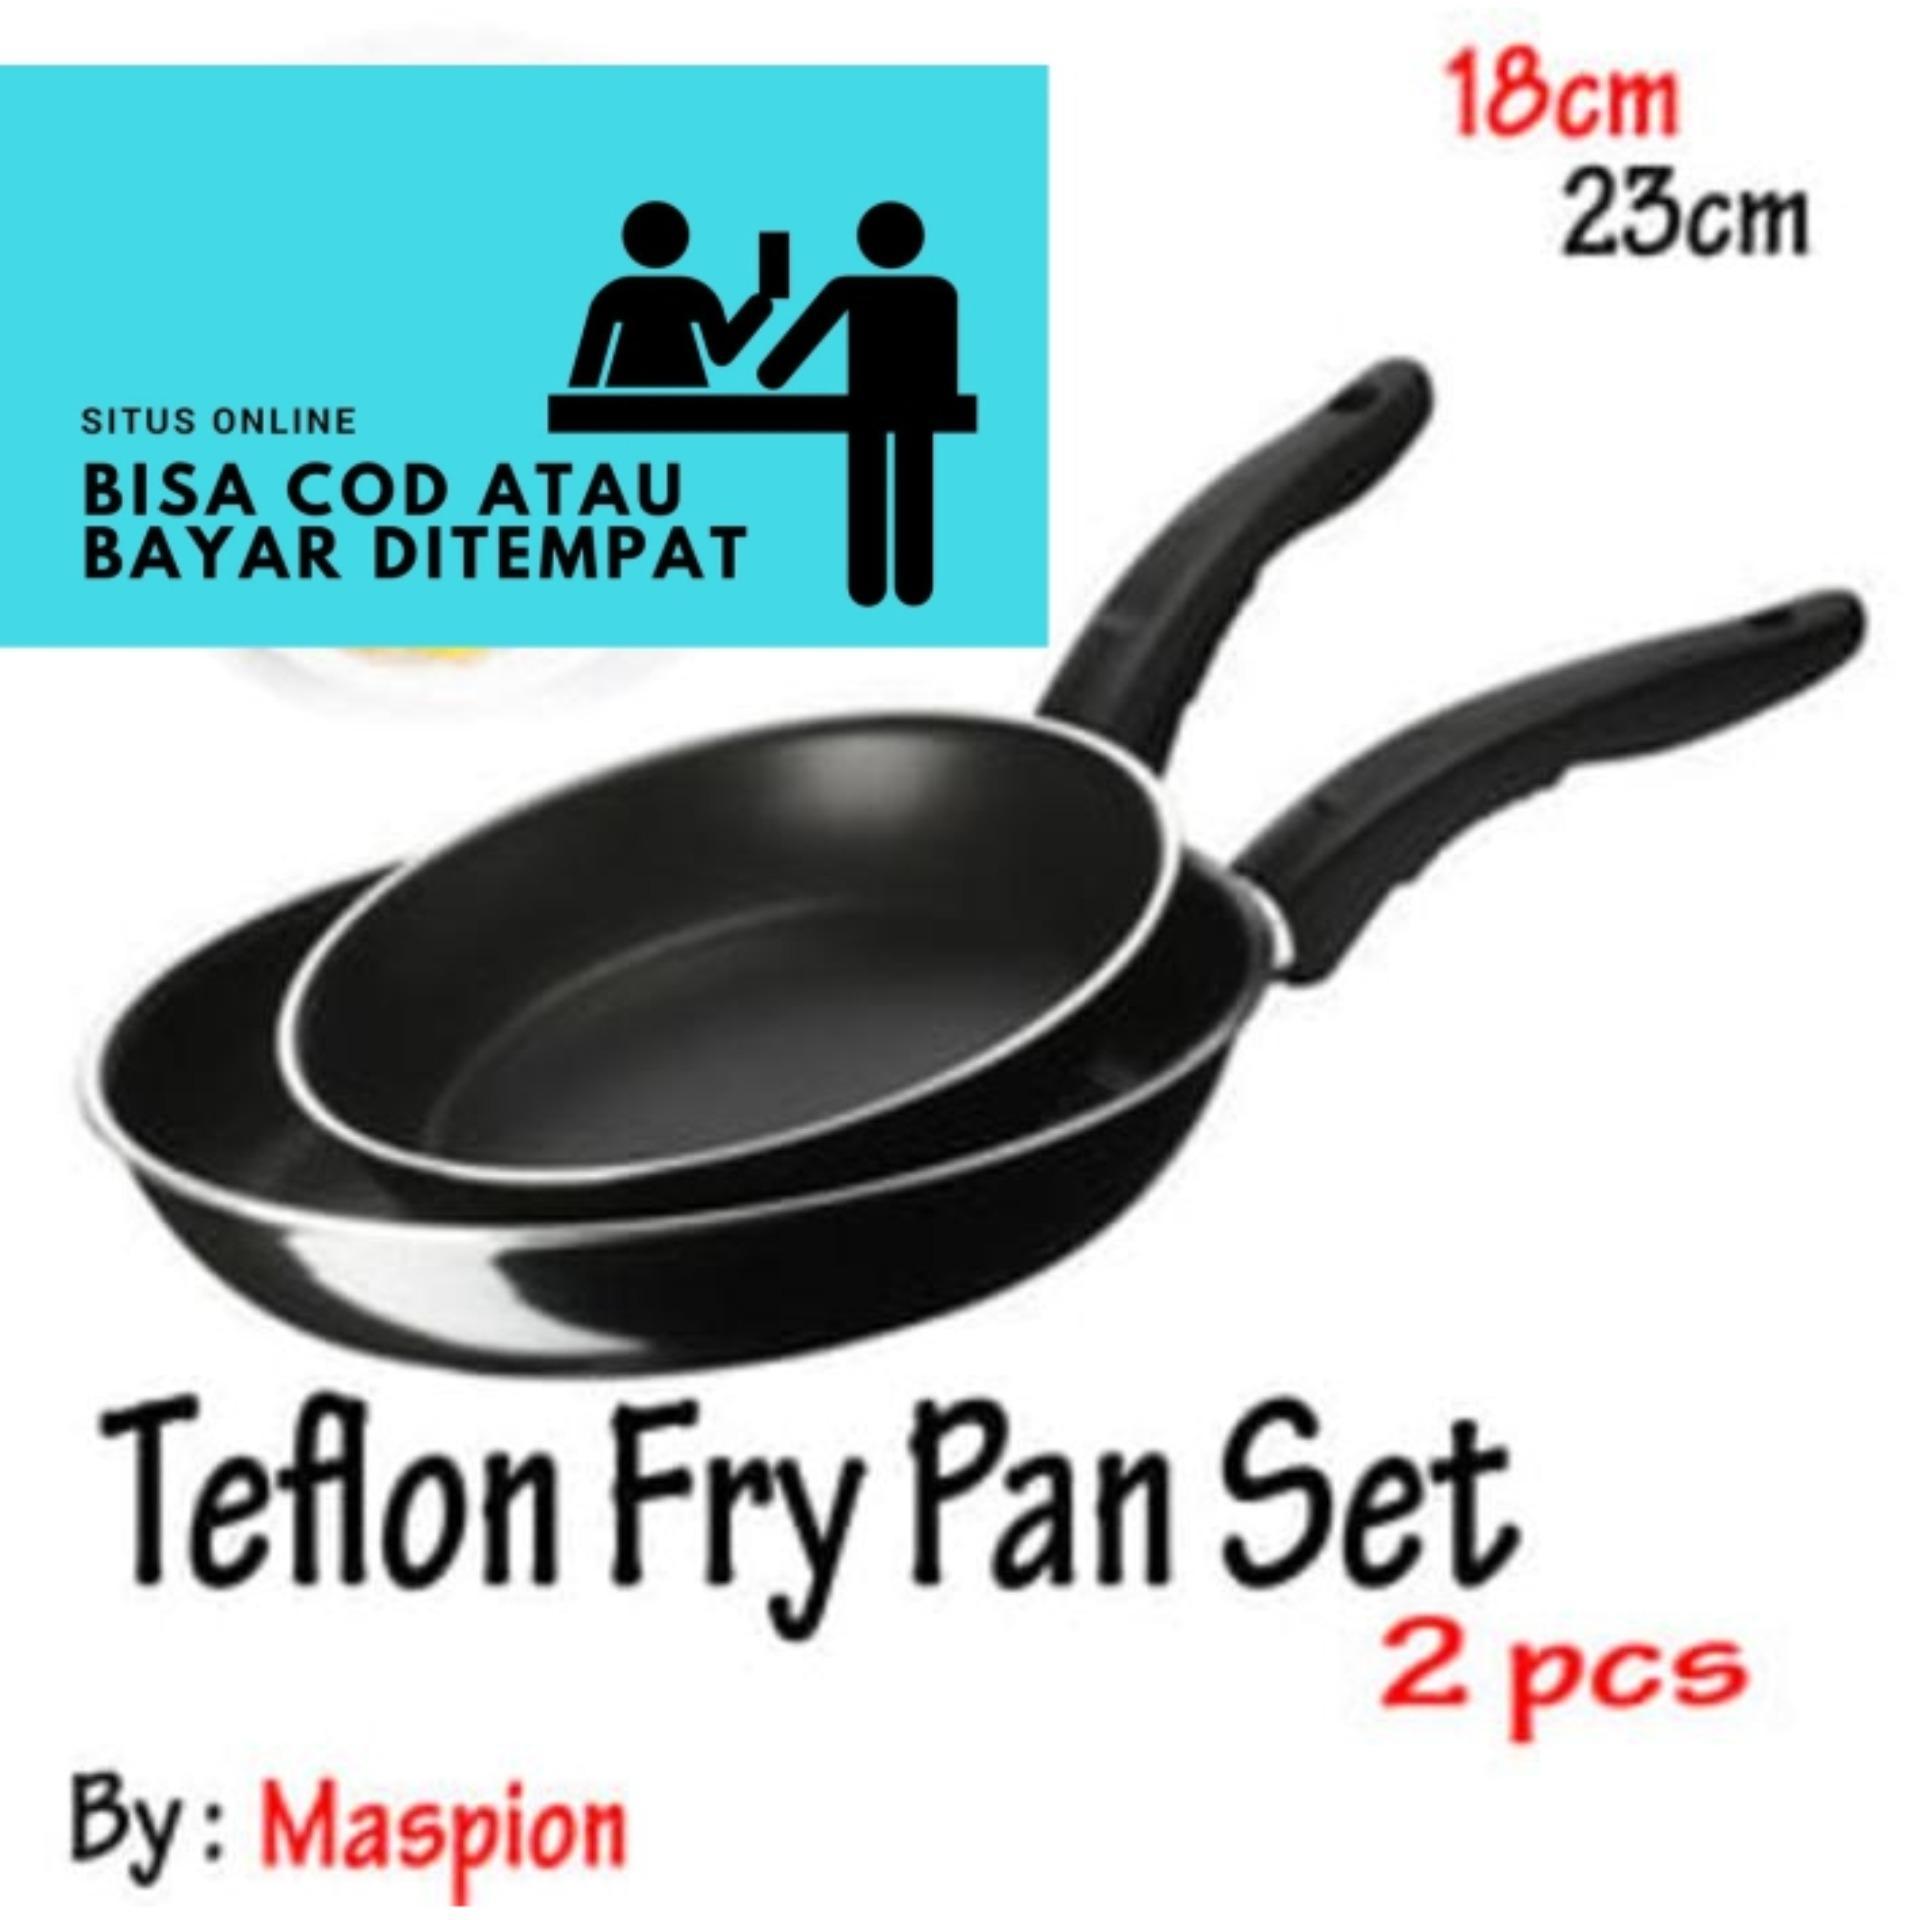 Teflon Frypan Set 2in1 18cm dan 23cm / Fry Pan Wajan Murah by Maspion